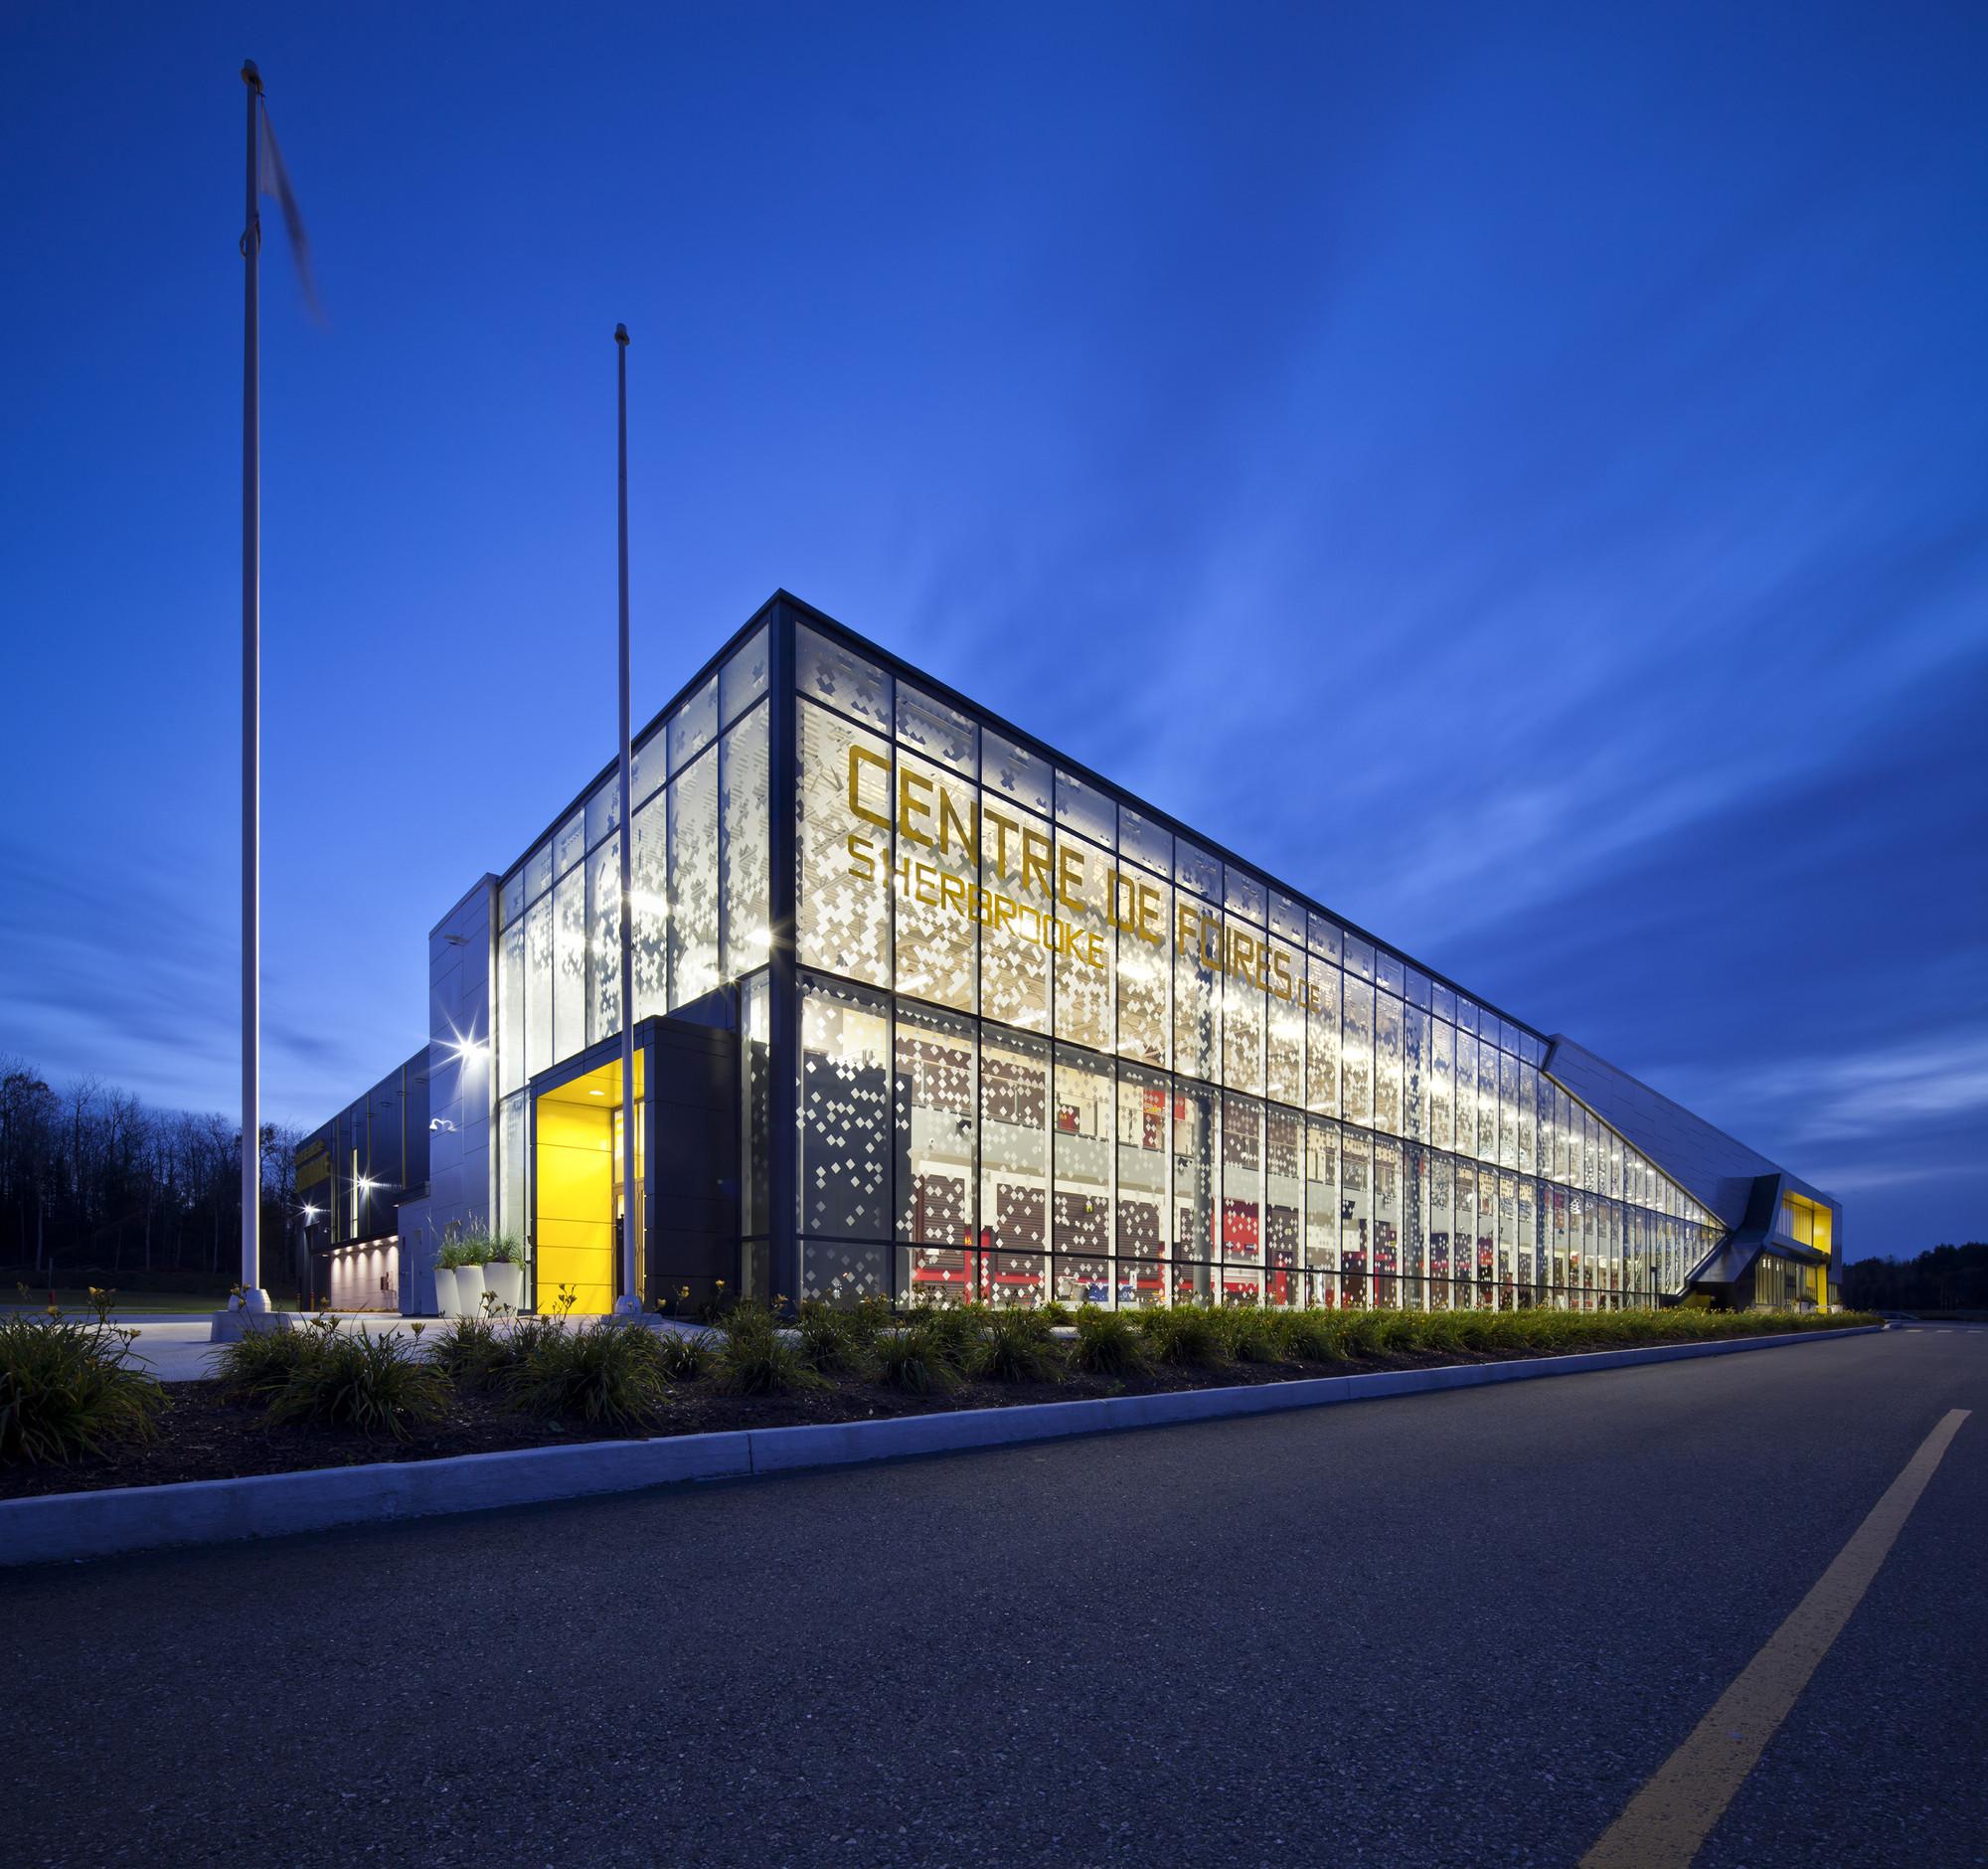 Centro de Exposições Sherbrooke / CCM2 Architectes, © Stéphane Groleau